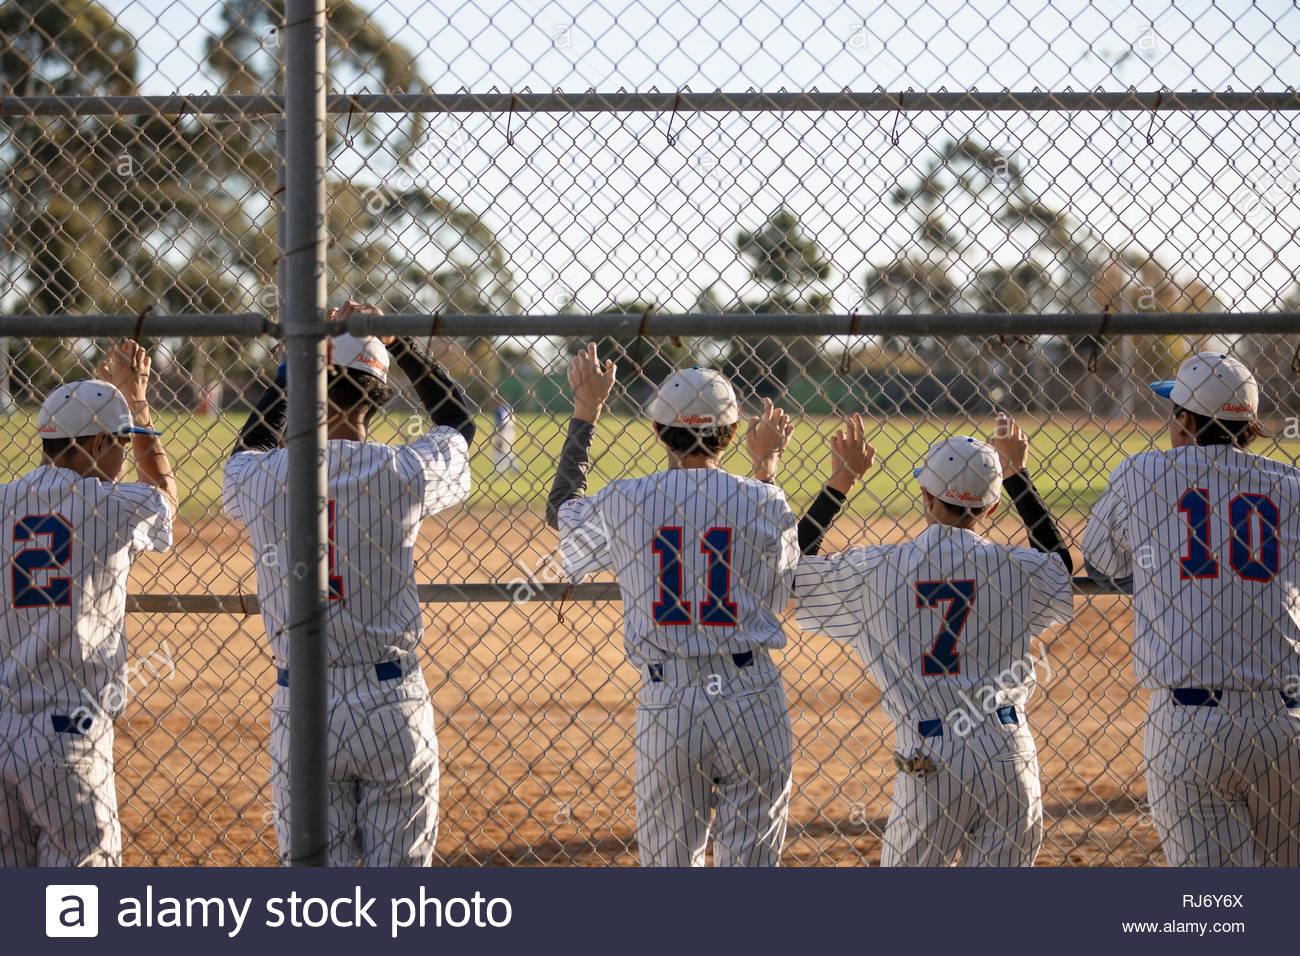 Squadra di baseball gioco di guardare dietro il recinto Immagini Stock